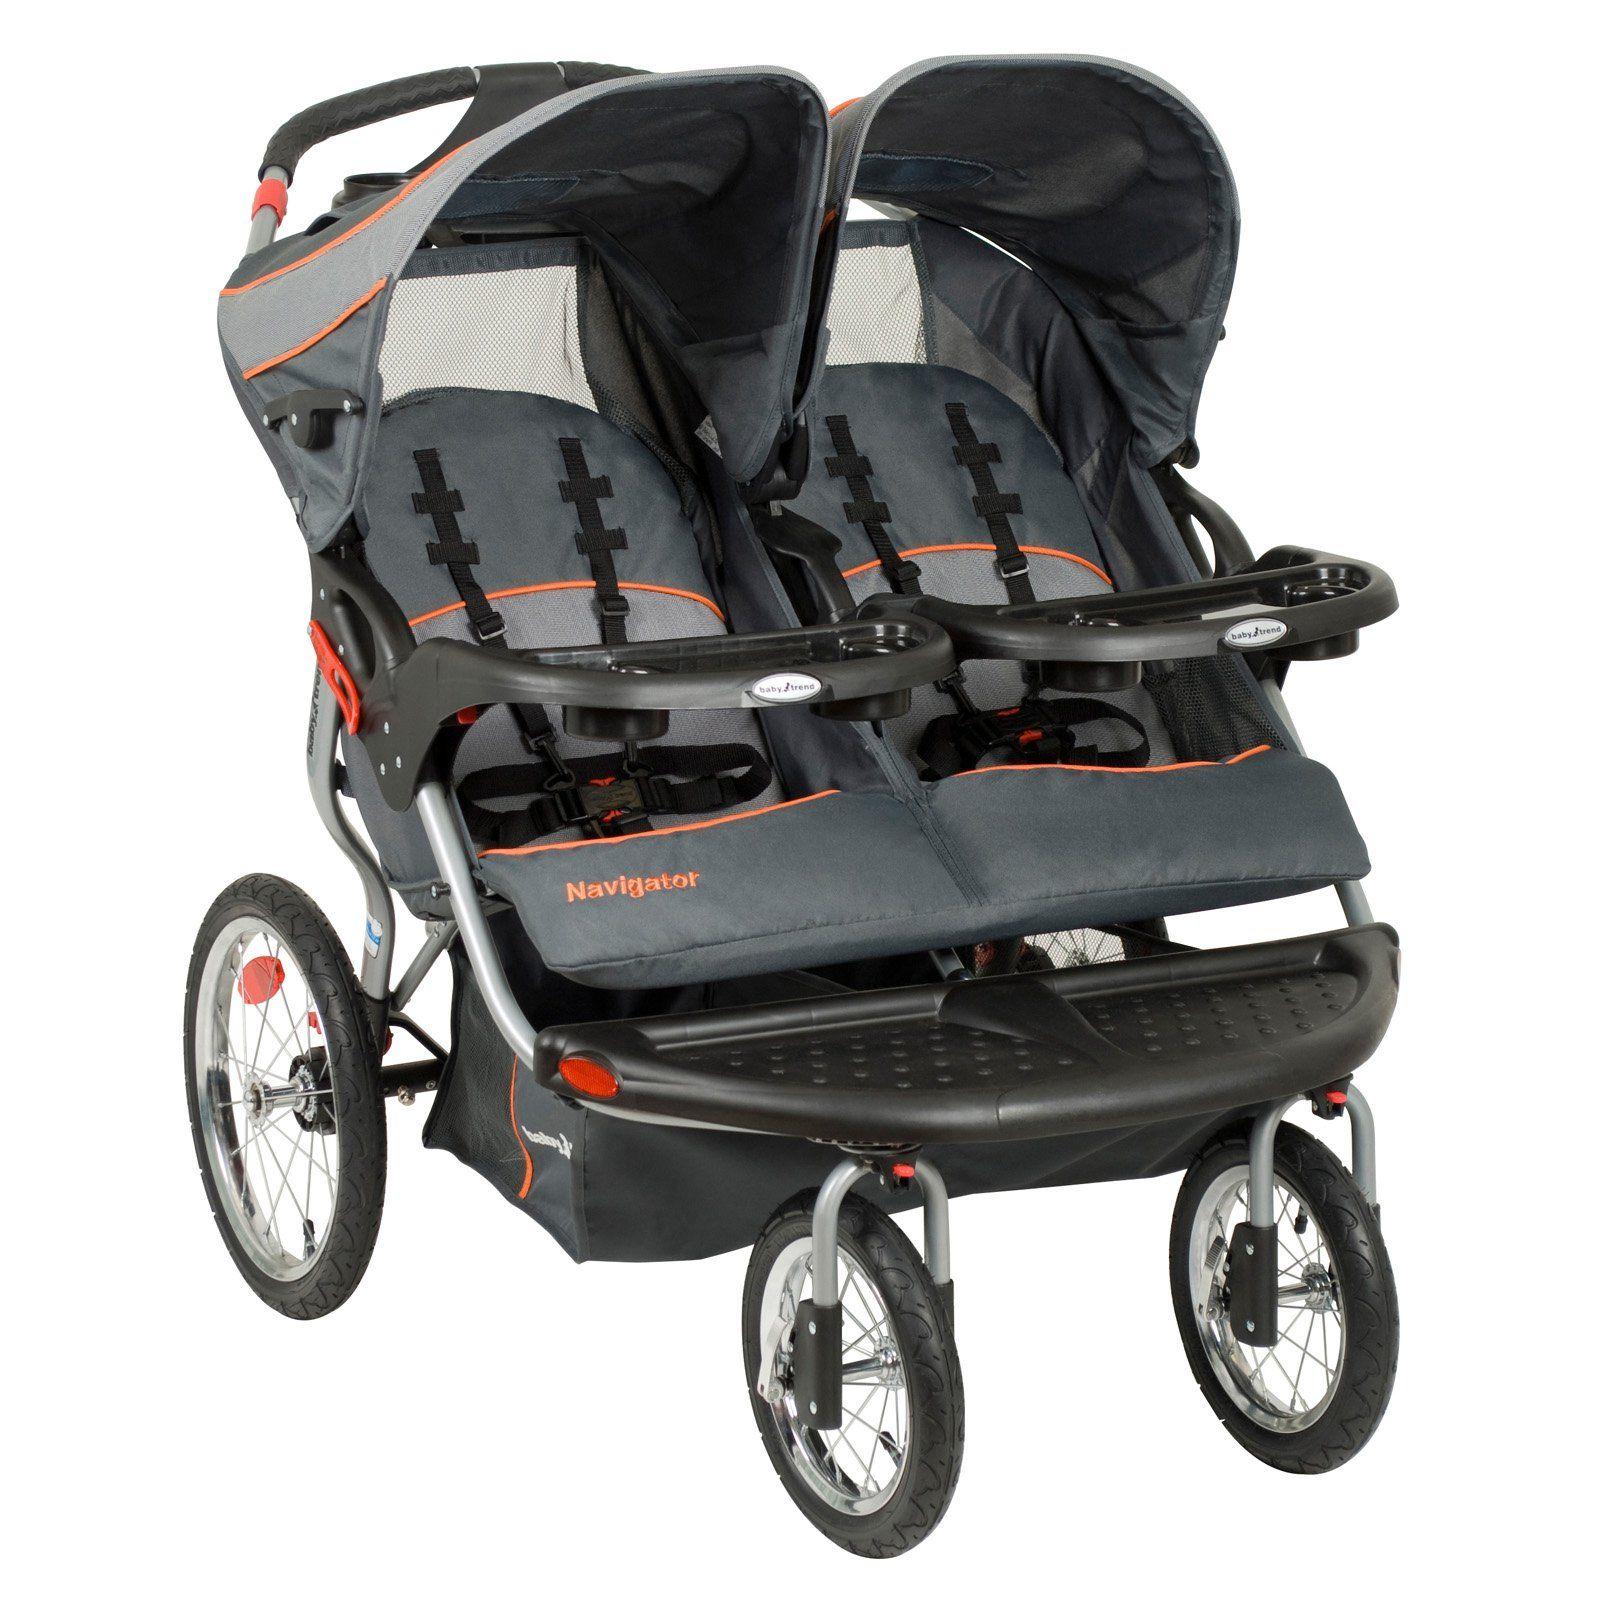 Baby Trend Navigator Jogger Vanguard DX60740 Double